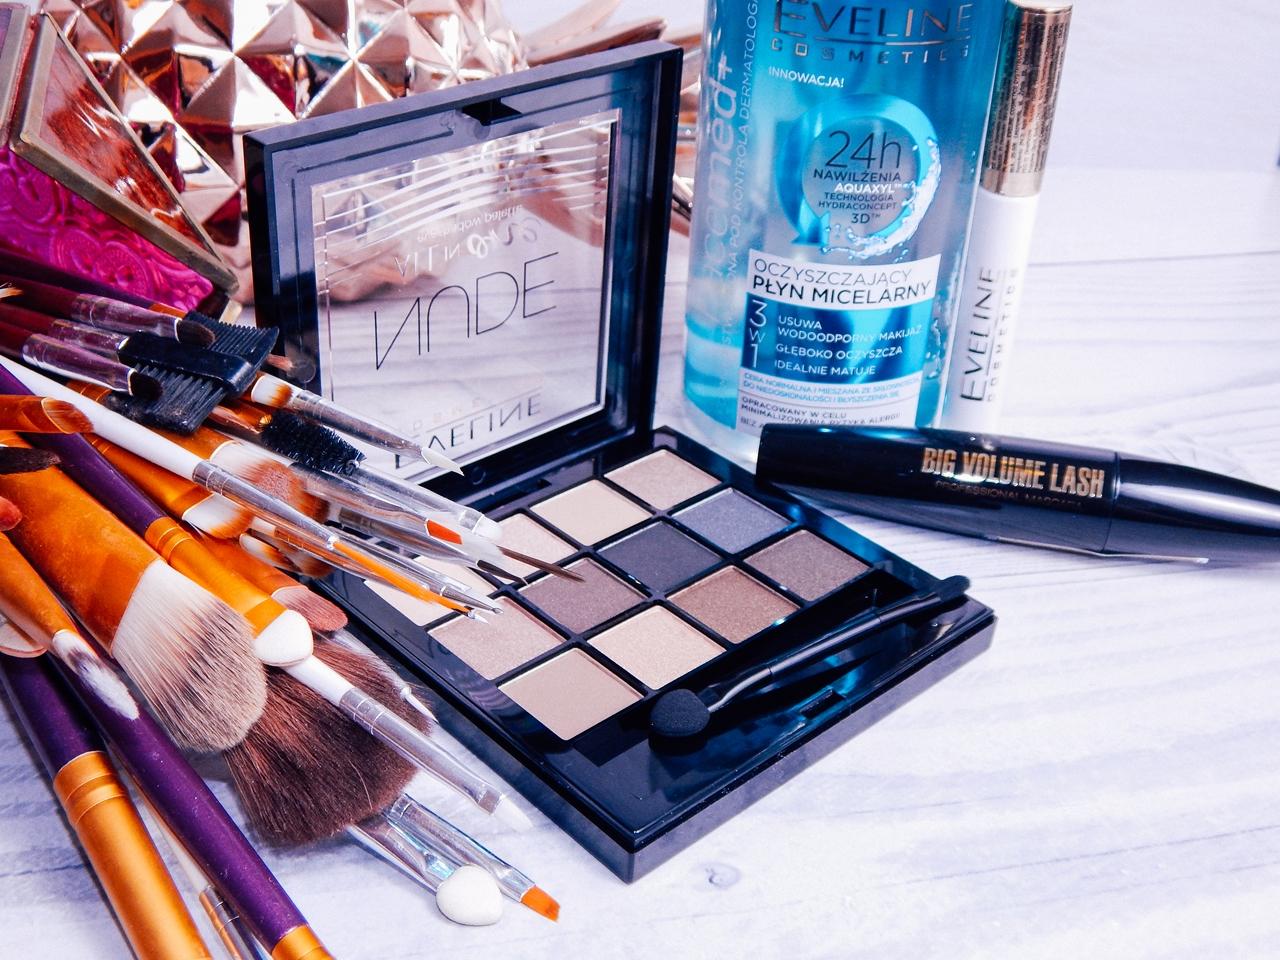 1 eveline cosmetics nude all in one eyeshadow palette melodylaniella recenzja cienie do powiek paletka cieni mascara big volume lash eye shadow base baza pod cienie oczyszczający płyn micelarny test